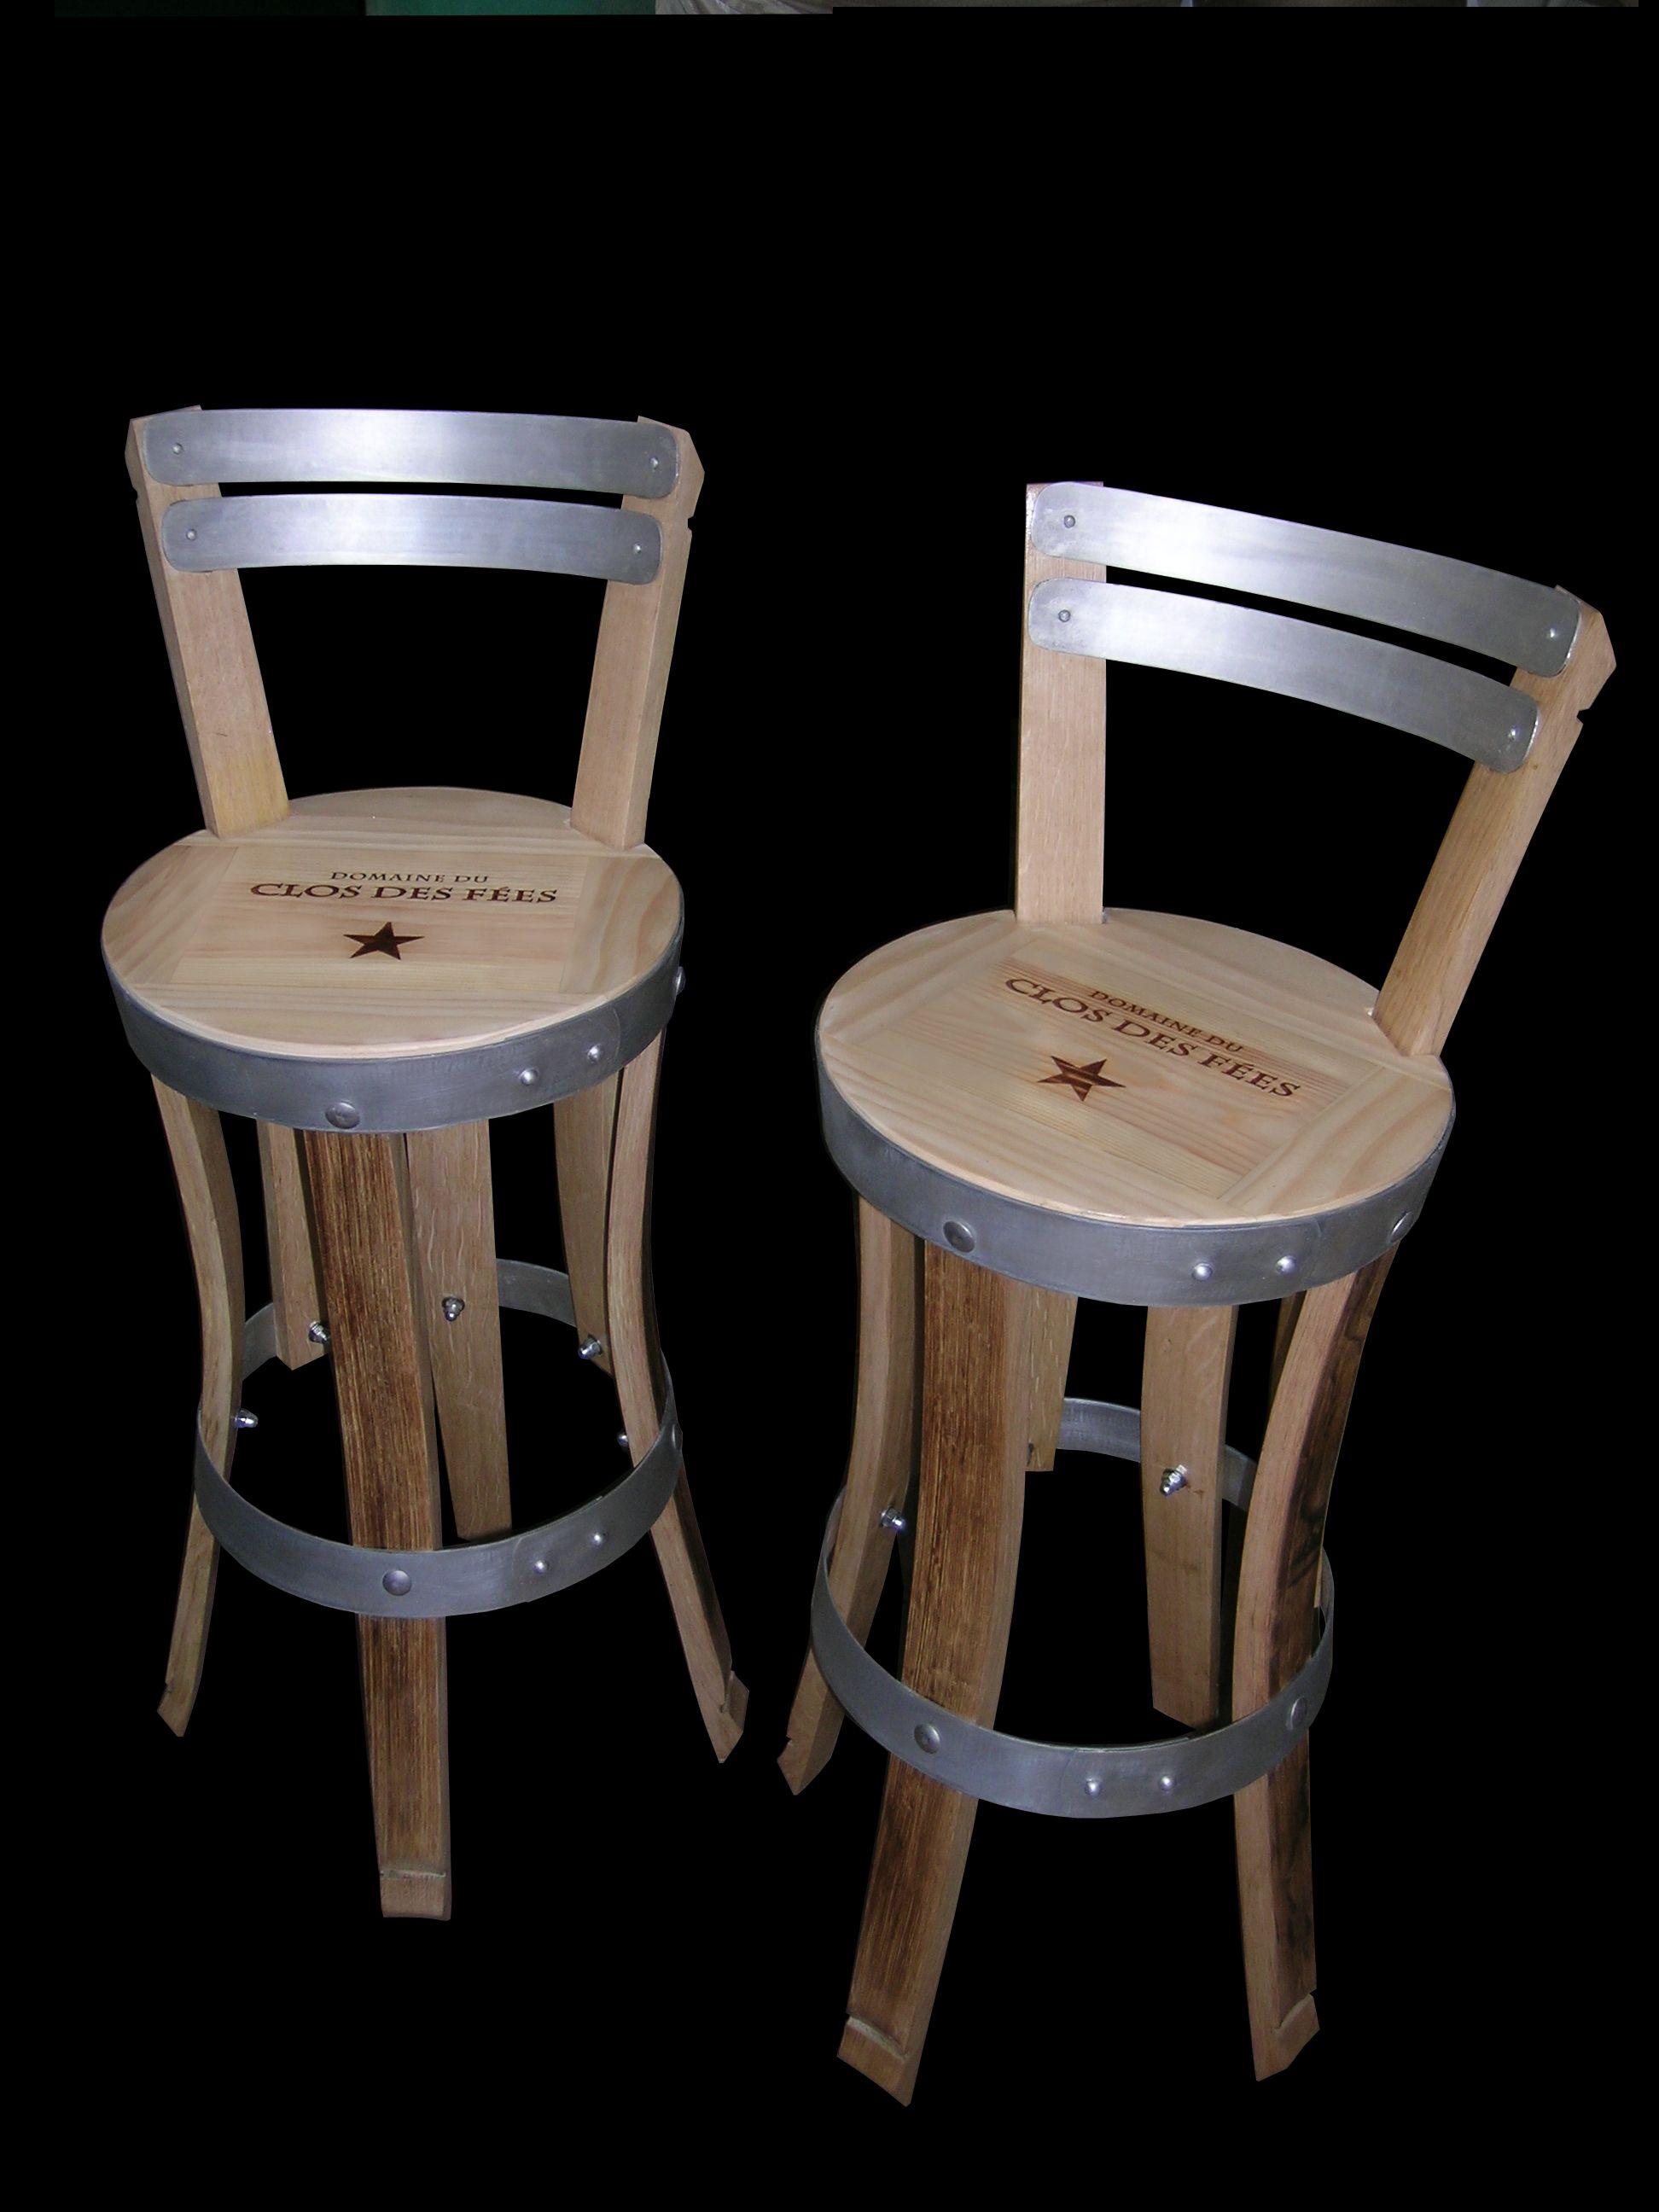 Chaises de bar r alis es en douelles de tonneaux teintes et hauteur d 39 assise personnalisable - Chaise de bar d occasion ...